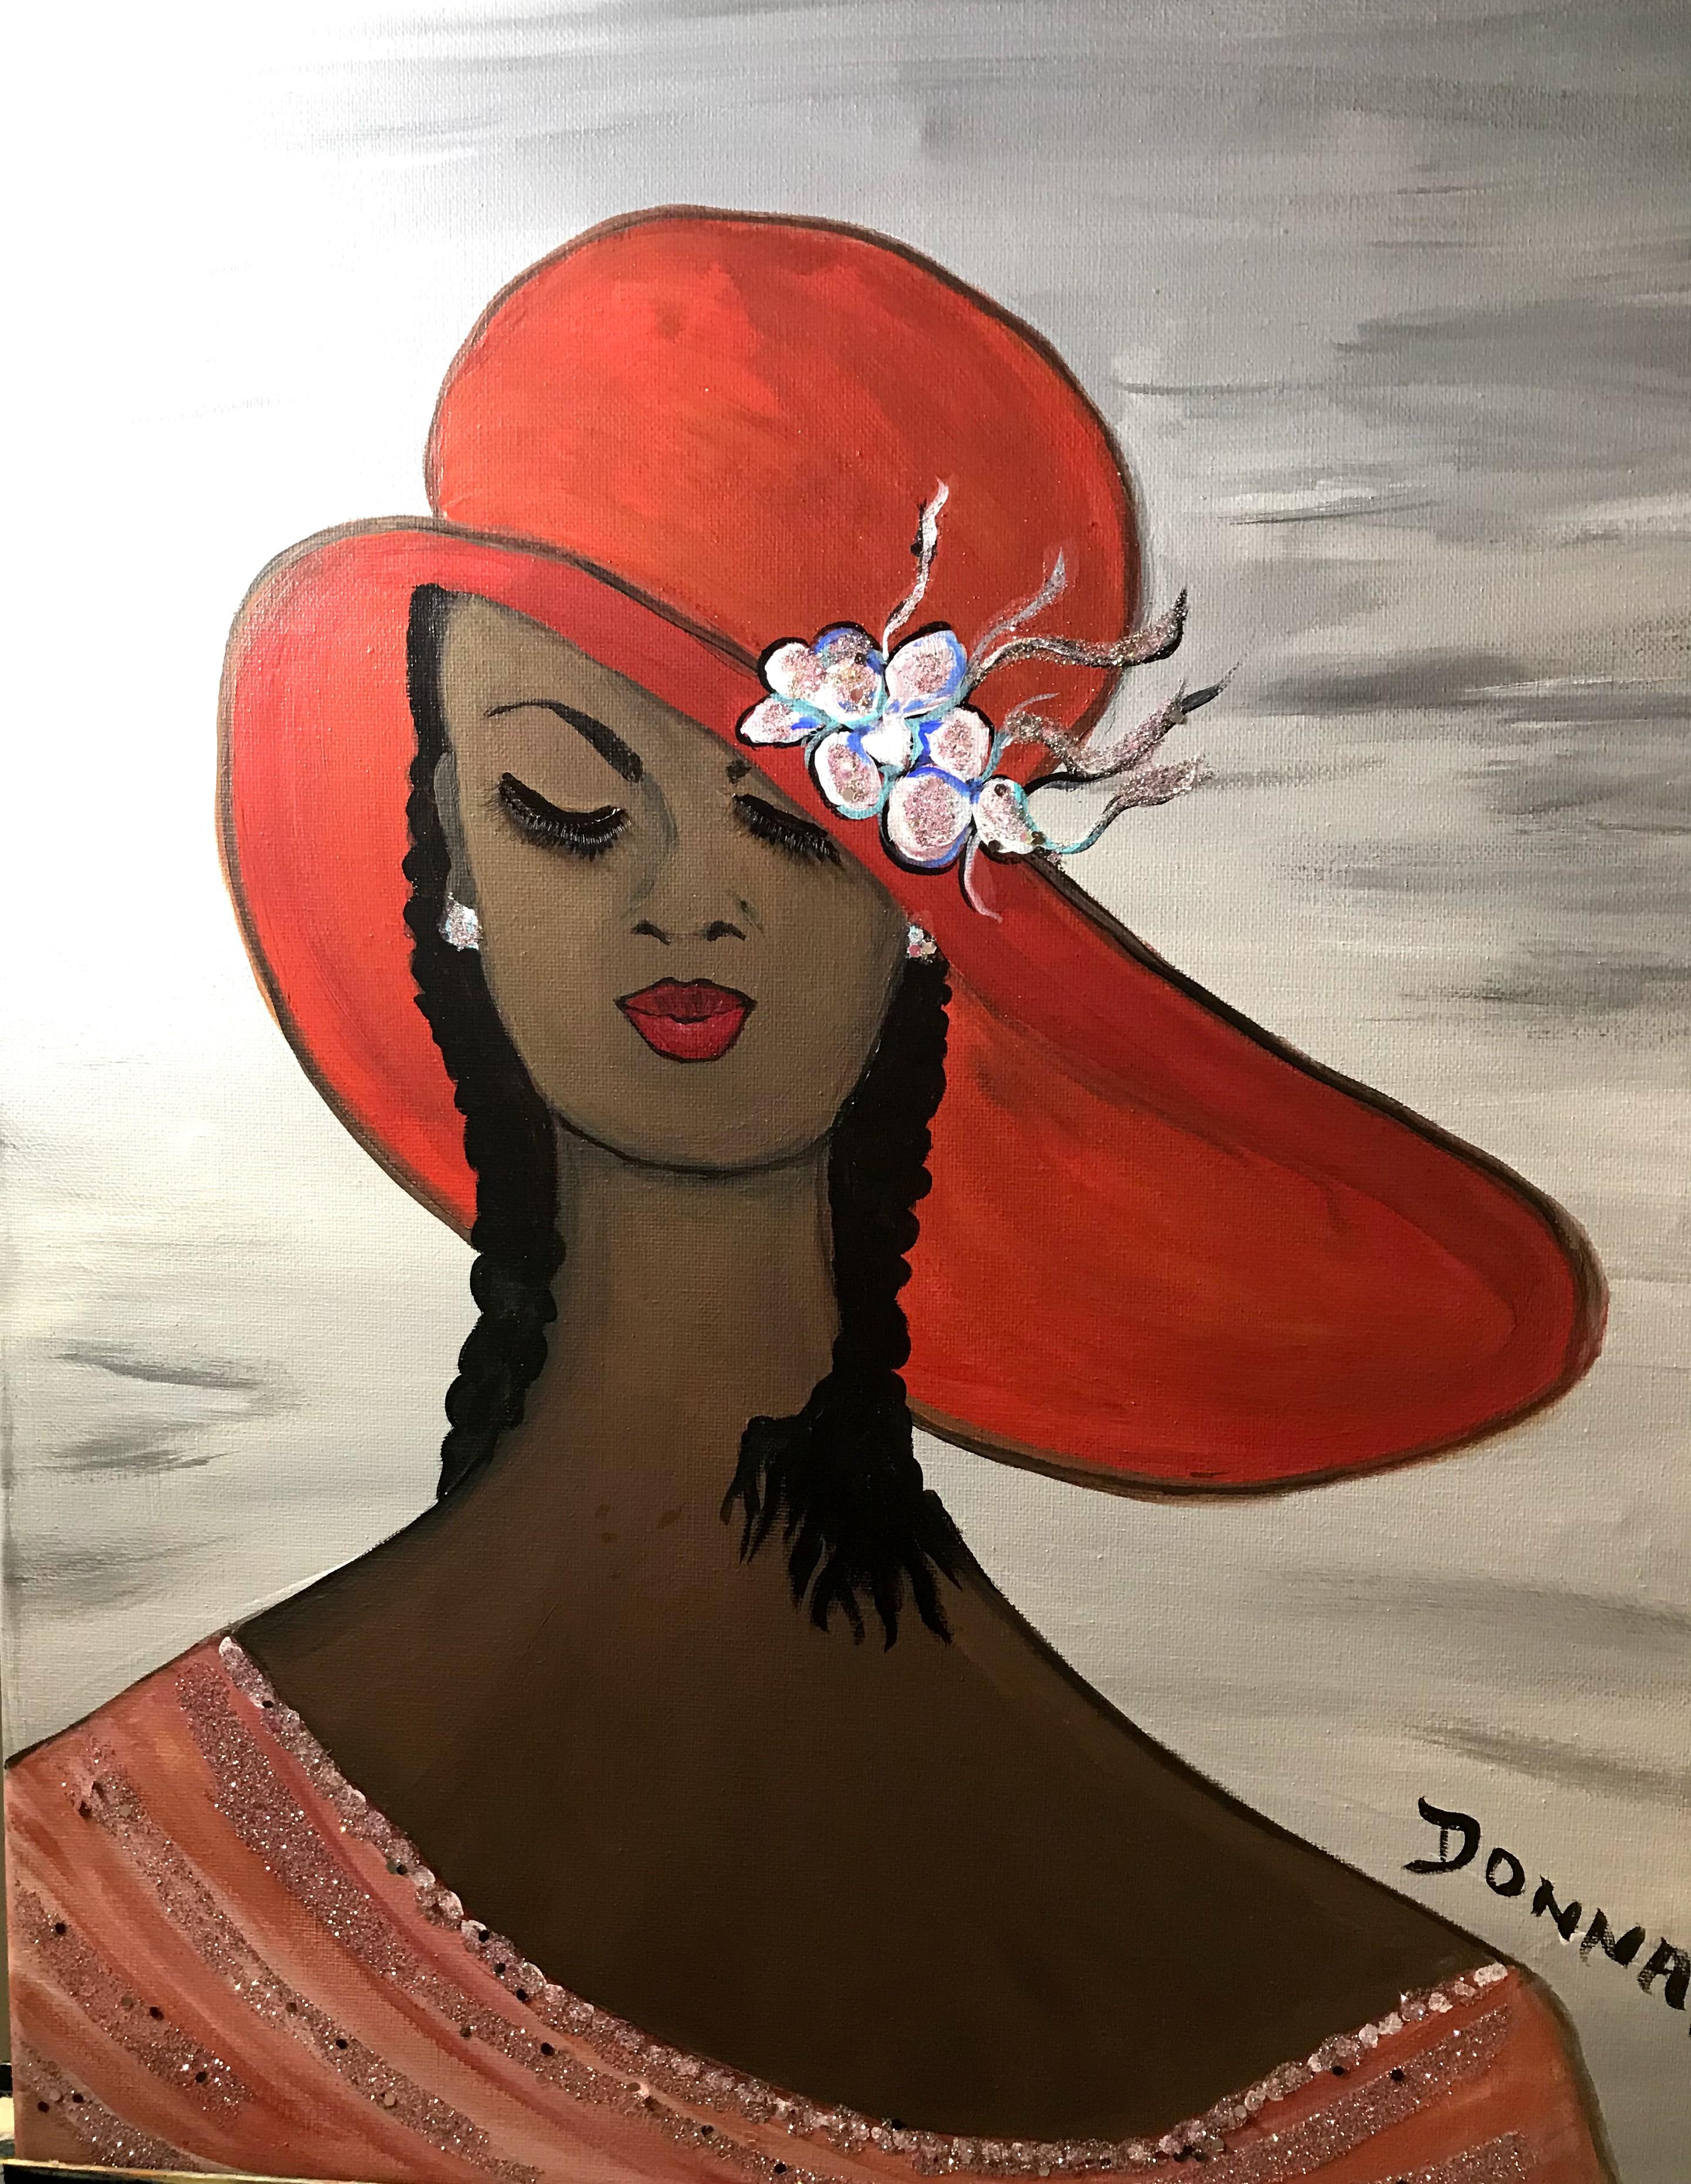 Women in Hats #9